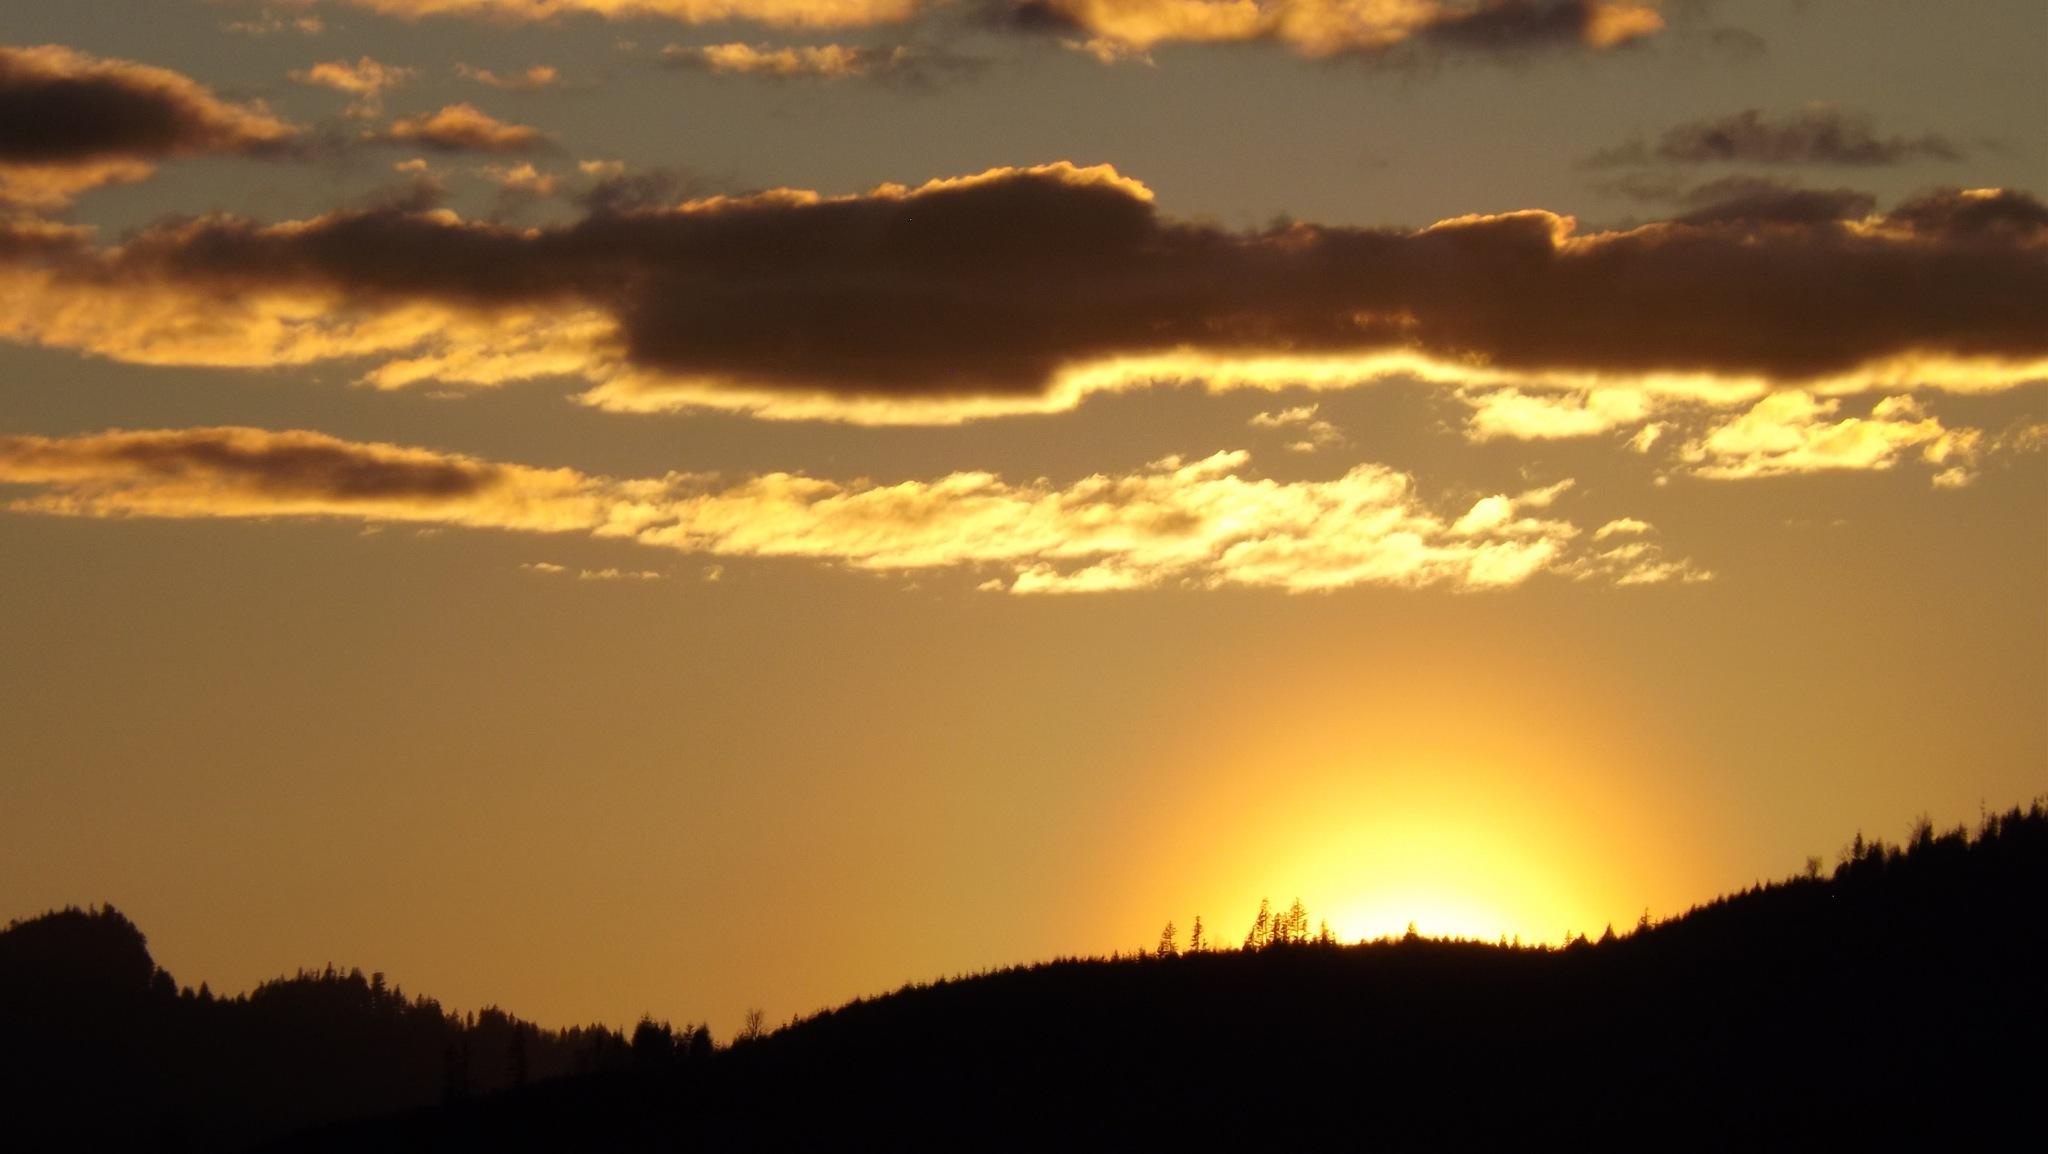 Sunset Riffe lake Wa. by Gary Graefen